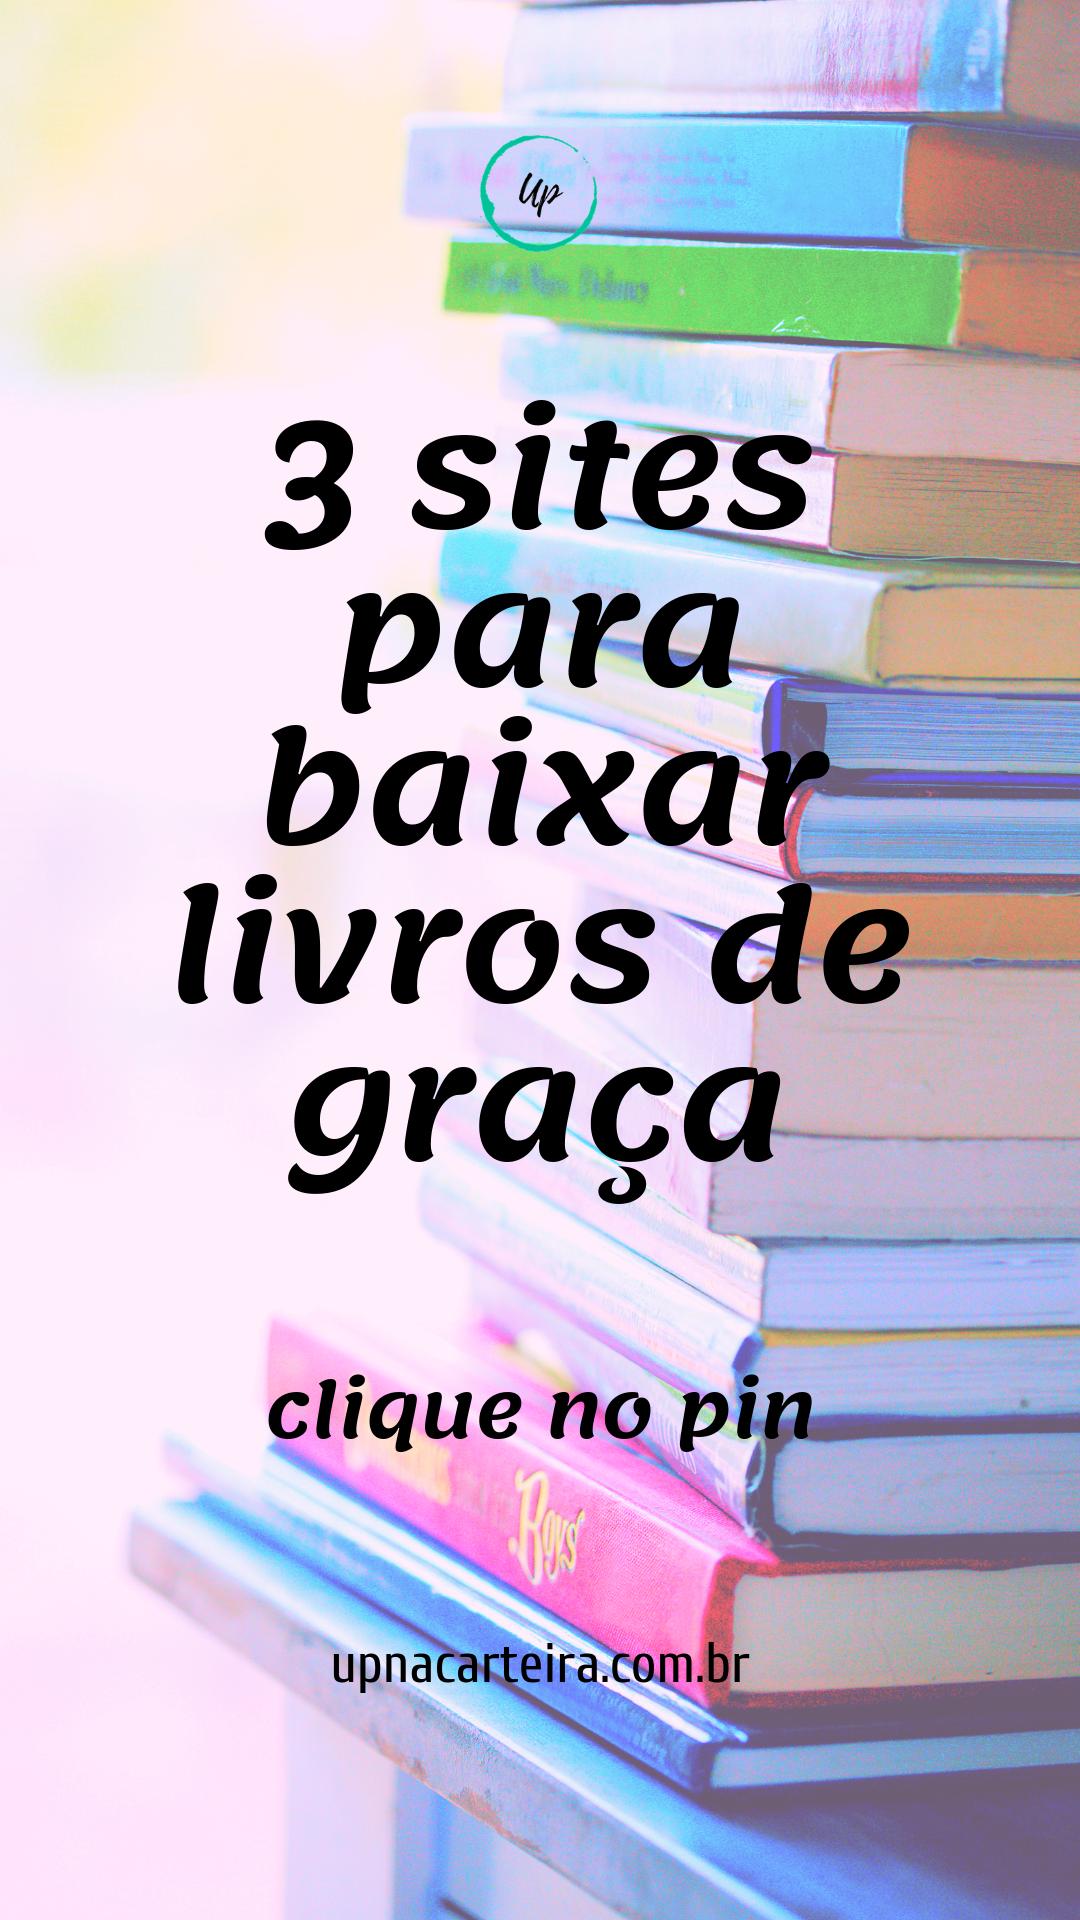 Baixar Livros Grátis Legalmente 3 Sites Que Adoro Livros